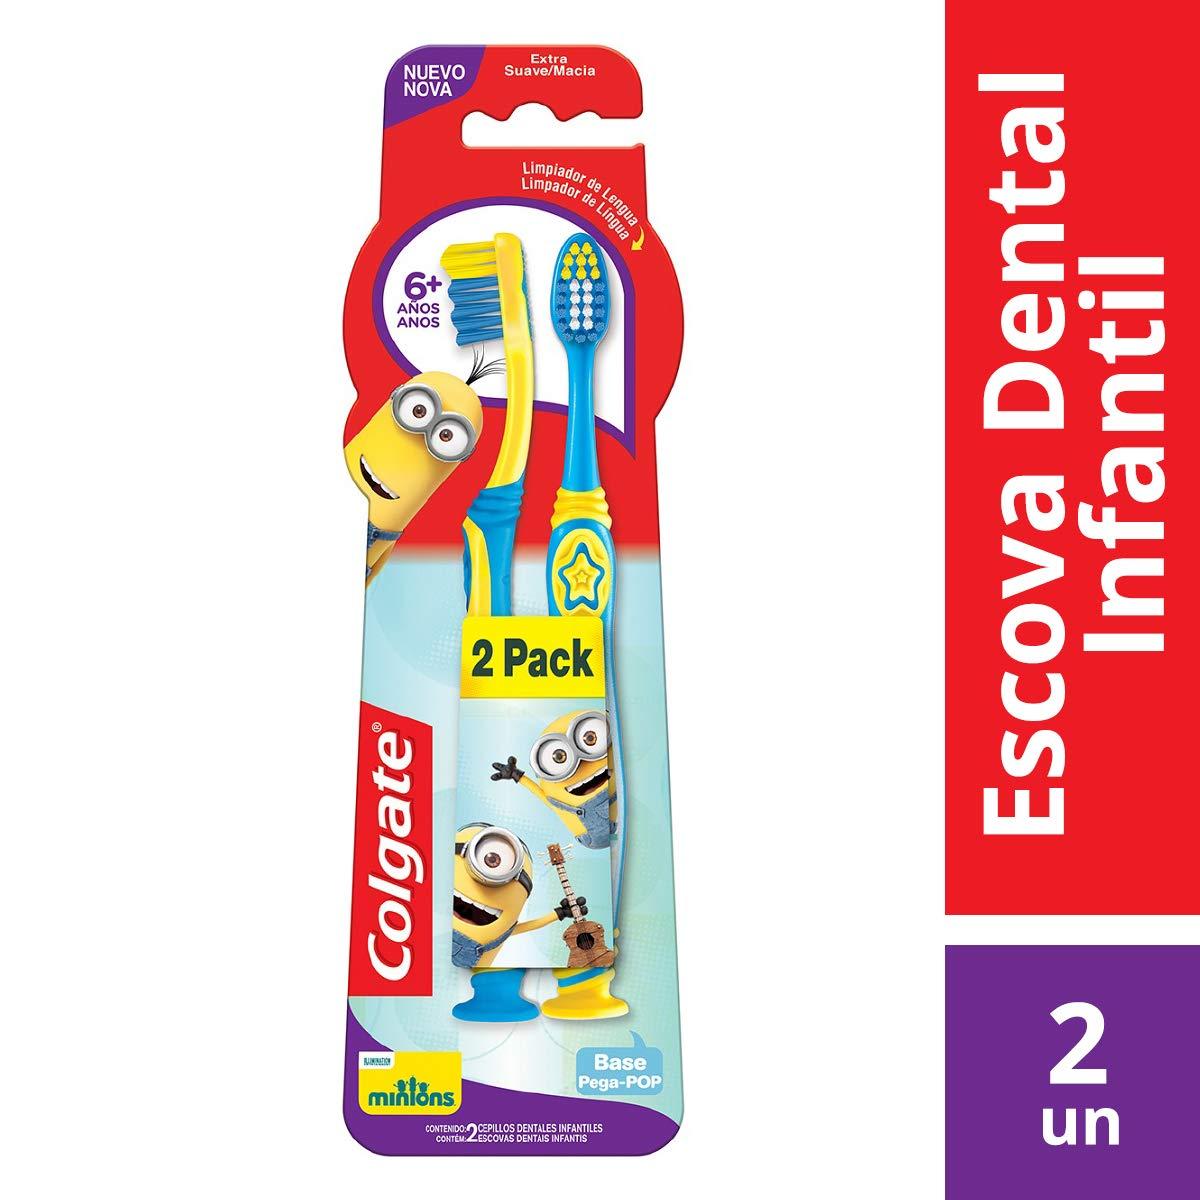 275e4d740 Colgate Cepillo Dental Smiles Minions Infantil 6+ Años, 2 Piezas:  Amazon.com.mx: Salud, Belleza y Cuidado Personal